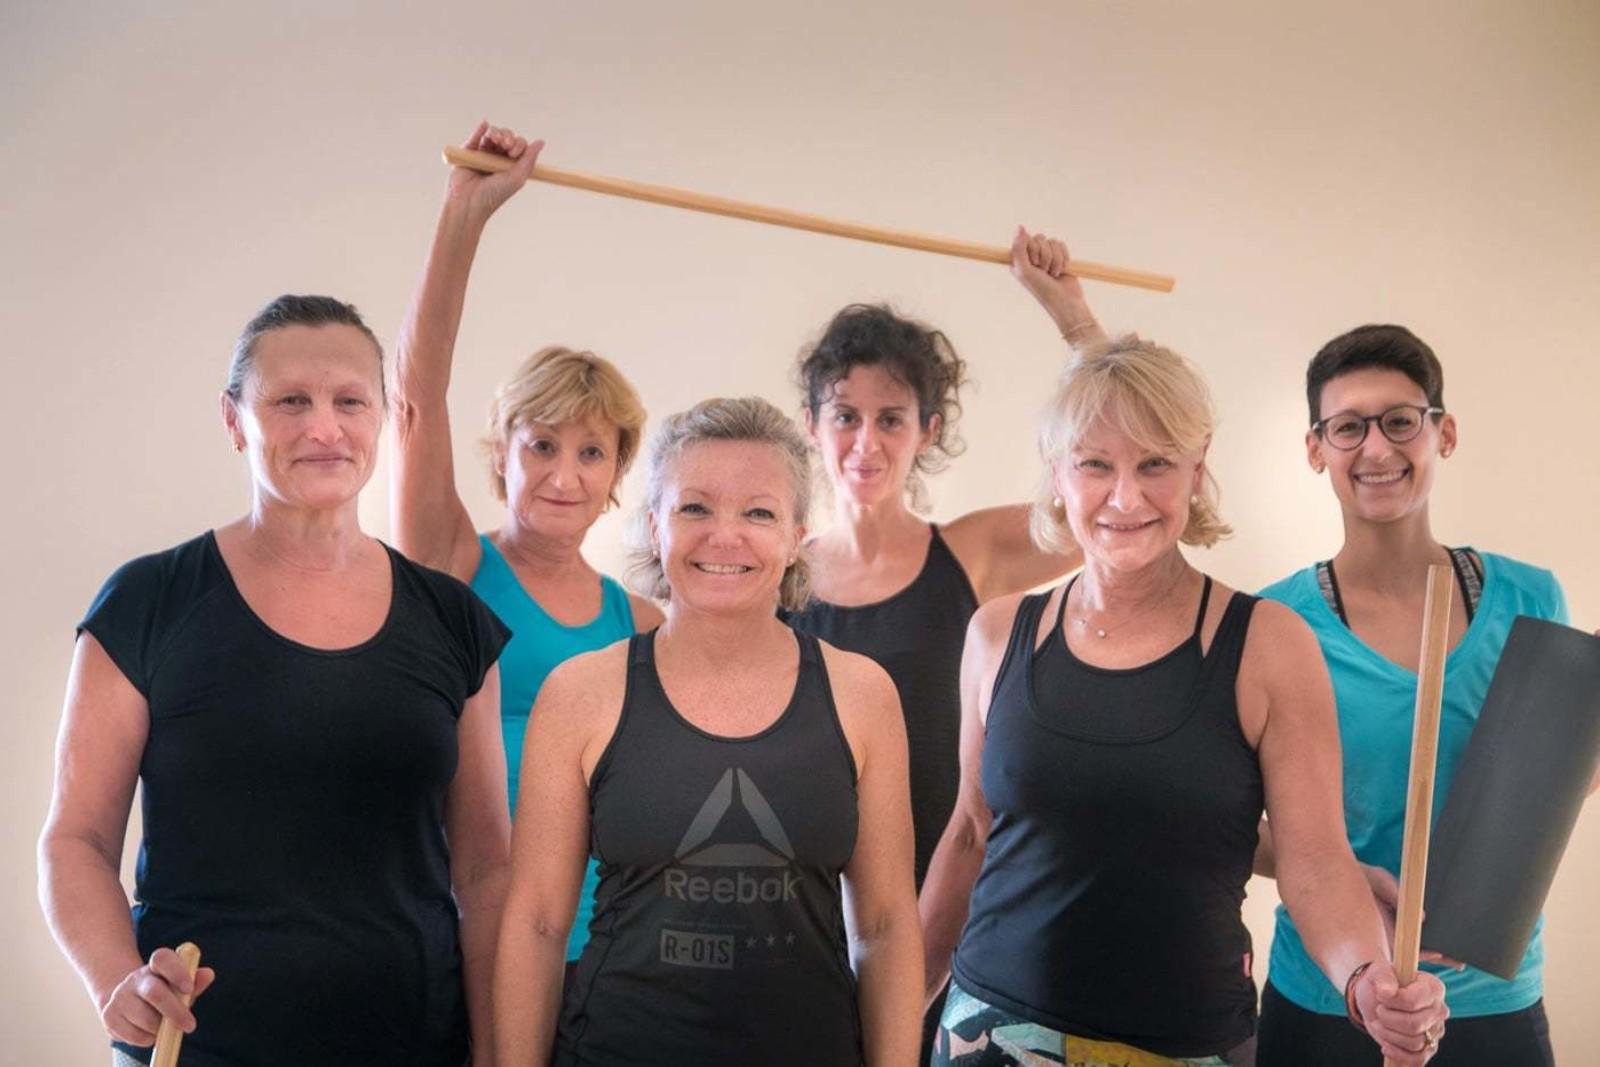 Beweglichkeit kommt von Bewegung. Das Kursprogramm vom LadyFit - von Frauen, für Frauen, nur für Frauen.